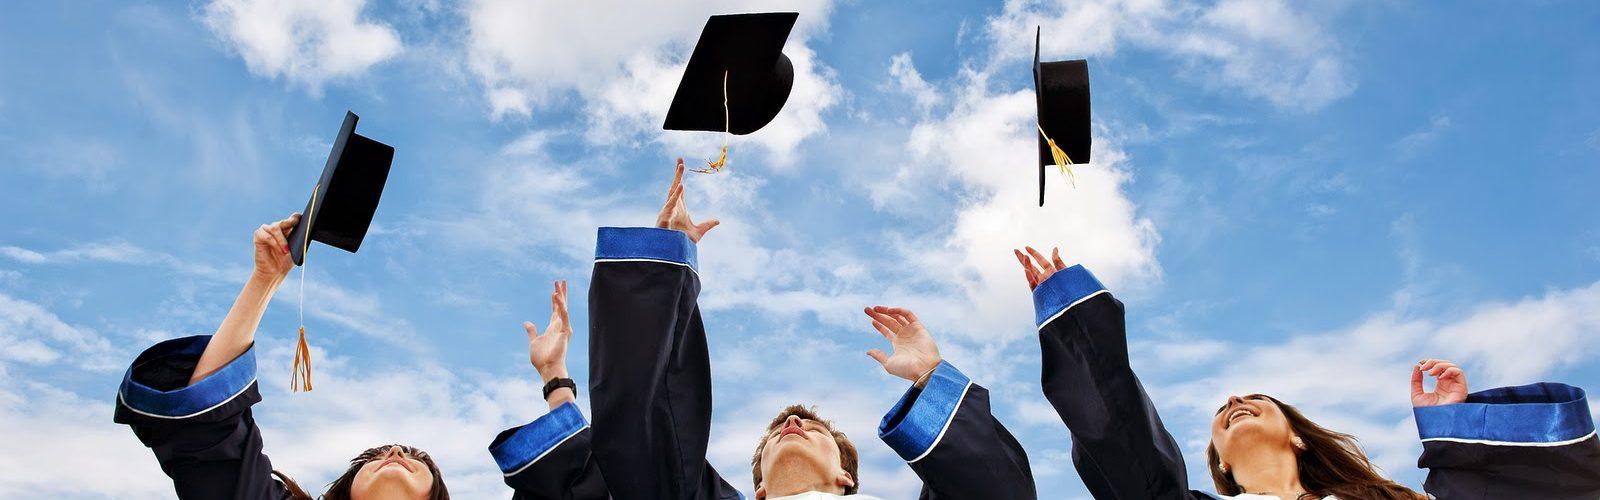 Топ-10 найдорожчих спеціальностей львівських вишів вища освіта